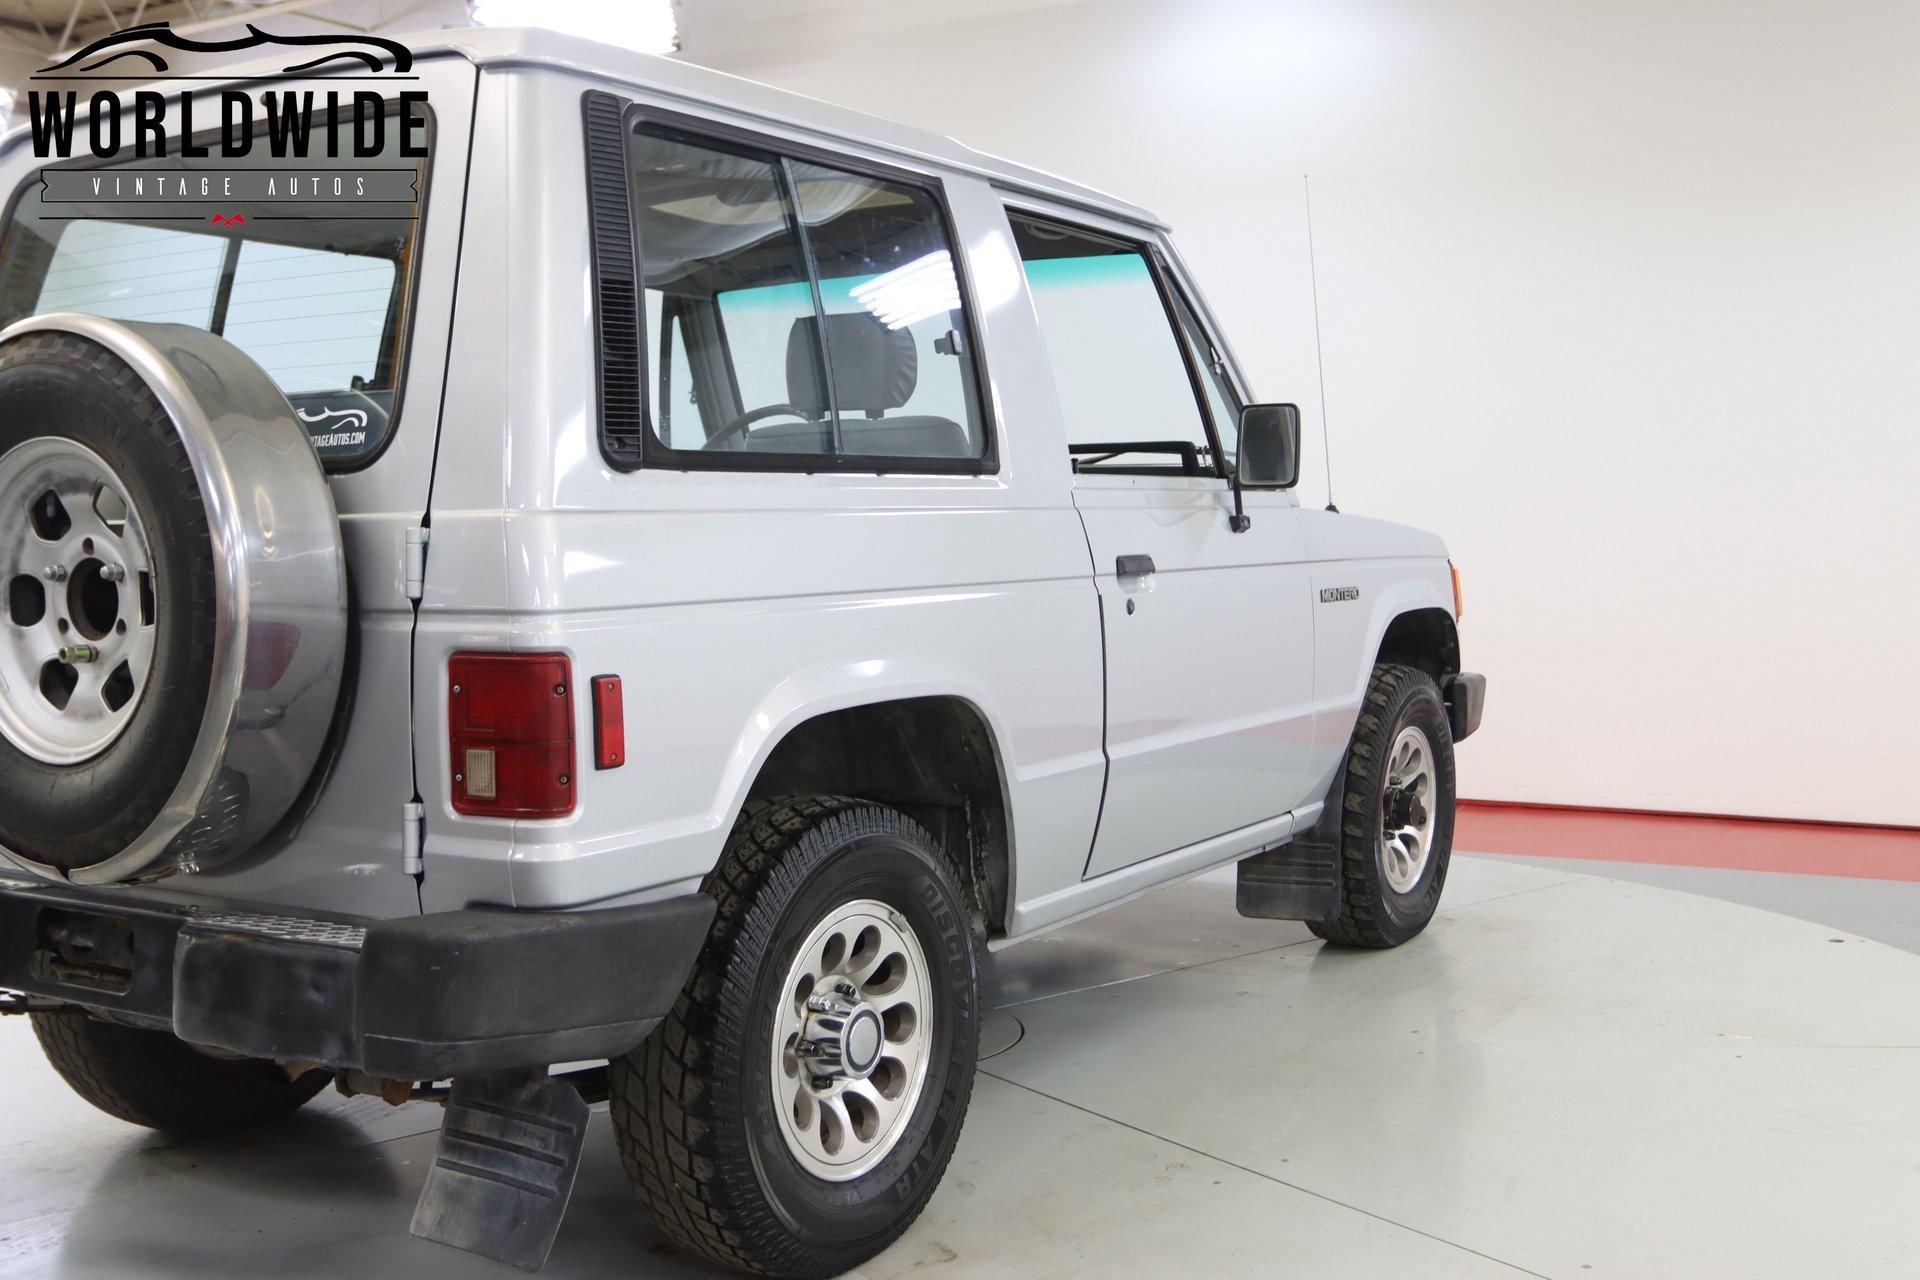 1988 Mitsubishi Montero